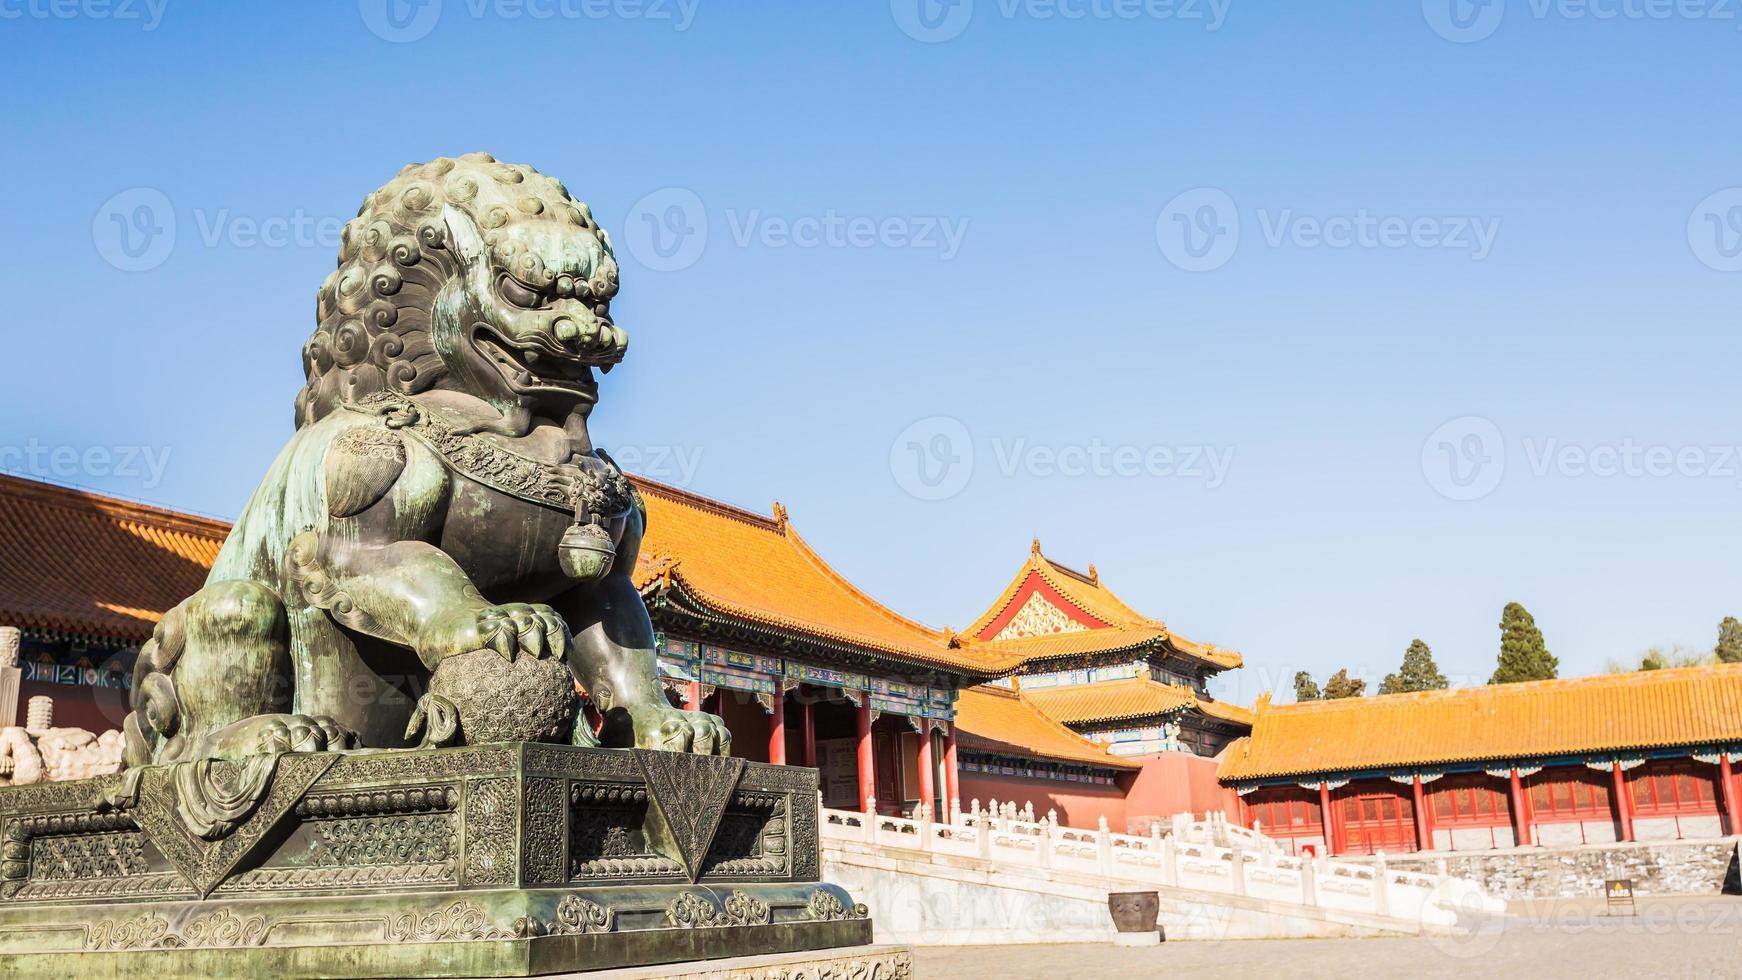 die verbotene Stadt, Welthistorisches Erbe, Peking China. foto